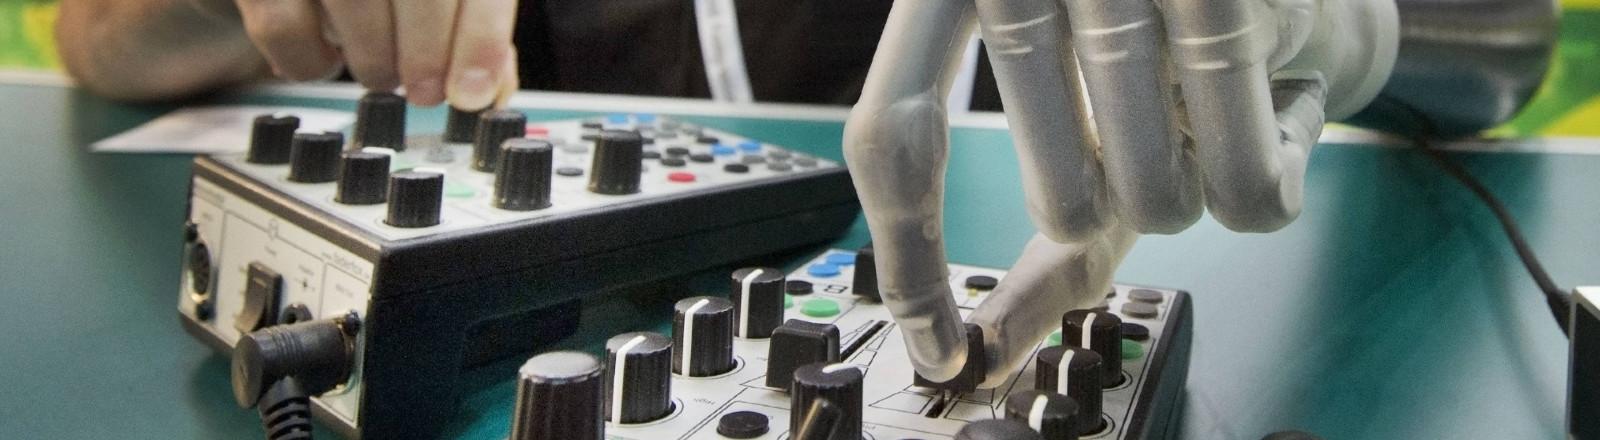 Mann mit Armprothese bedient Synthesizer.